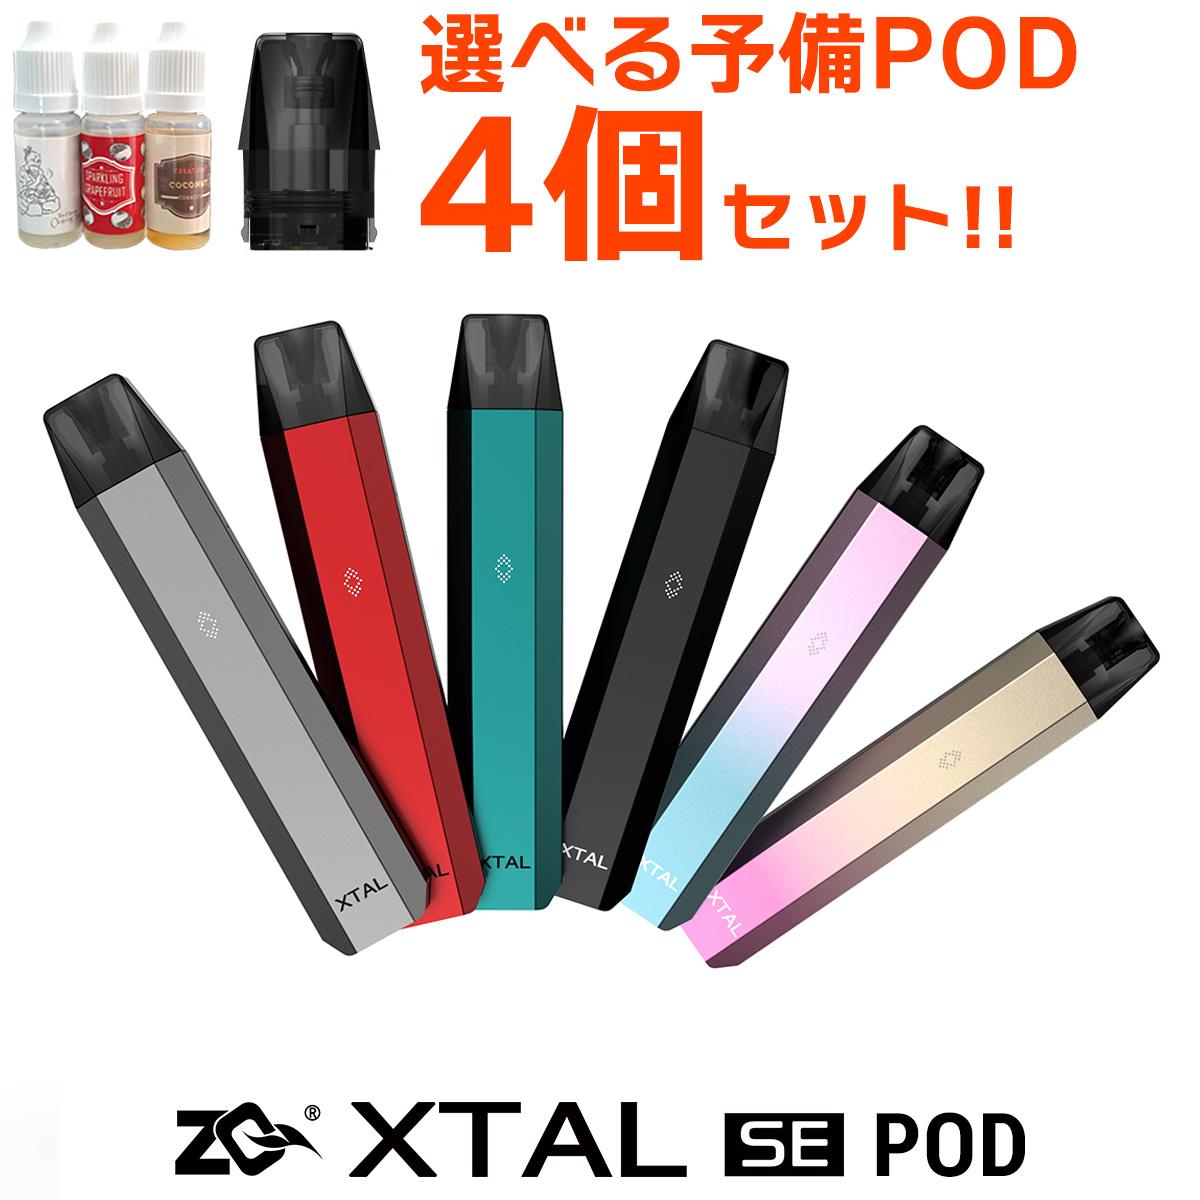 zq xtal se pod エクスタルse ポッド 電子タバコ vape 禁煙 即納最大半額 予備PODセット ZQ エクスタル SE 初心者 味重視 おすすめ 日本未発売 ニコチン0 POD タール ゼットキュー エクスタルSE XTAL